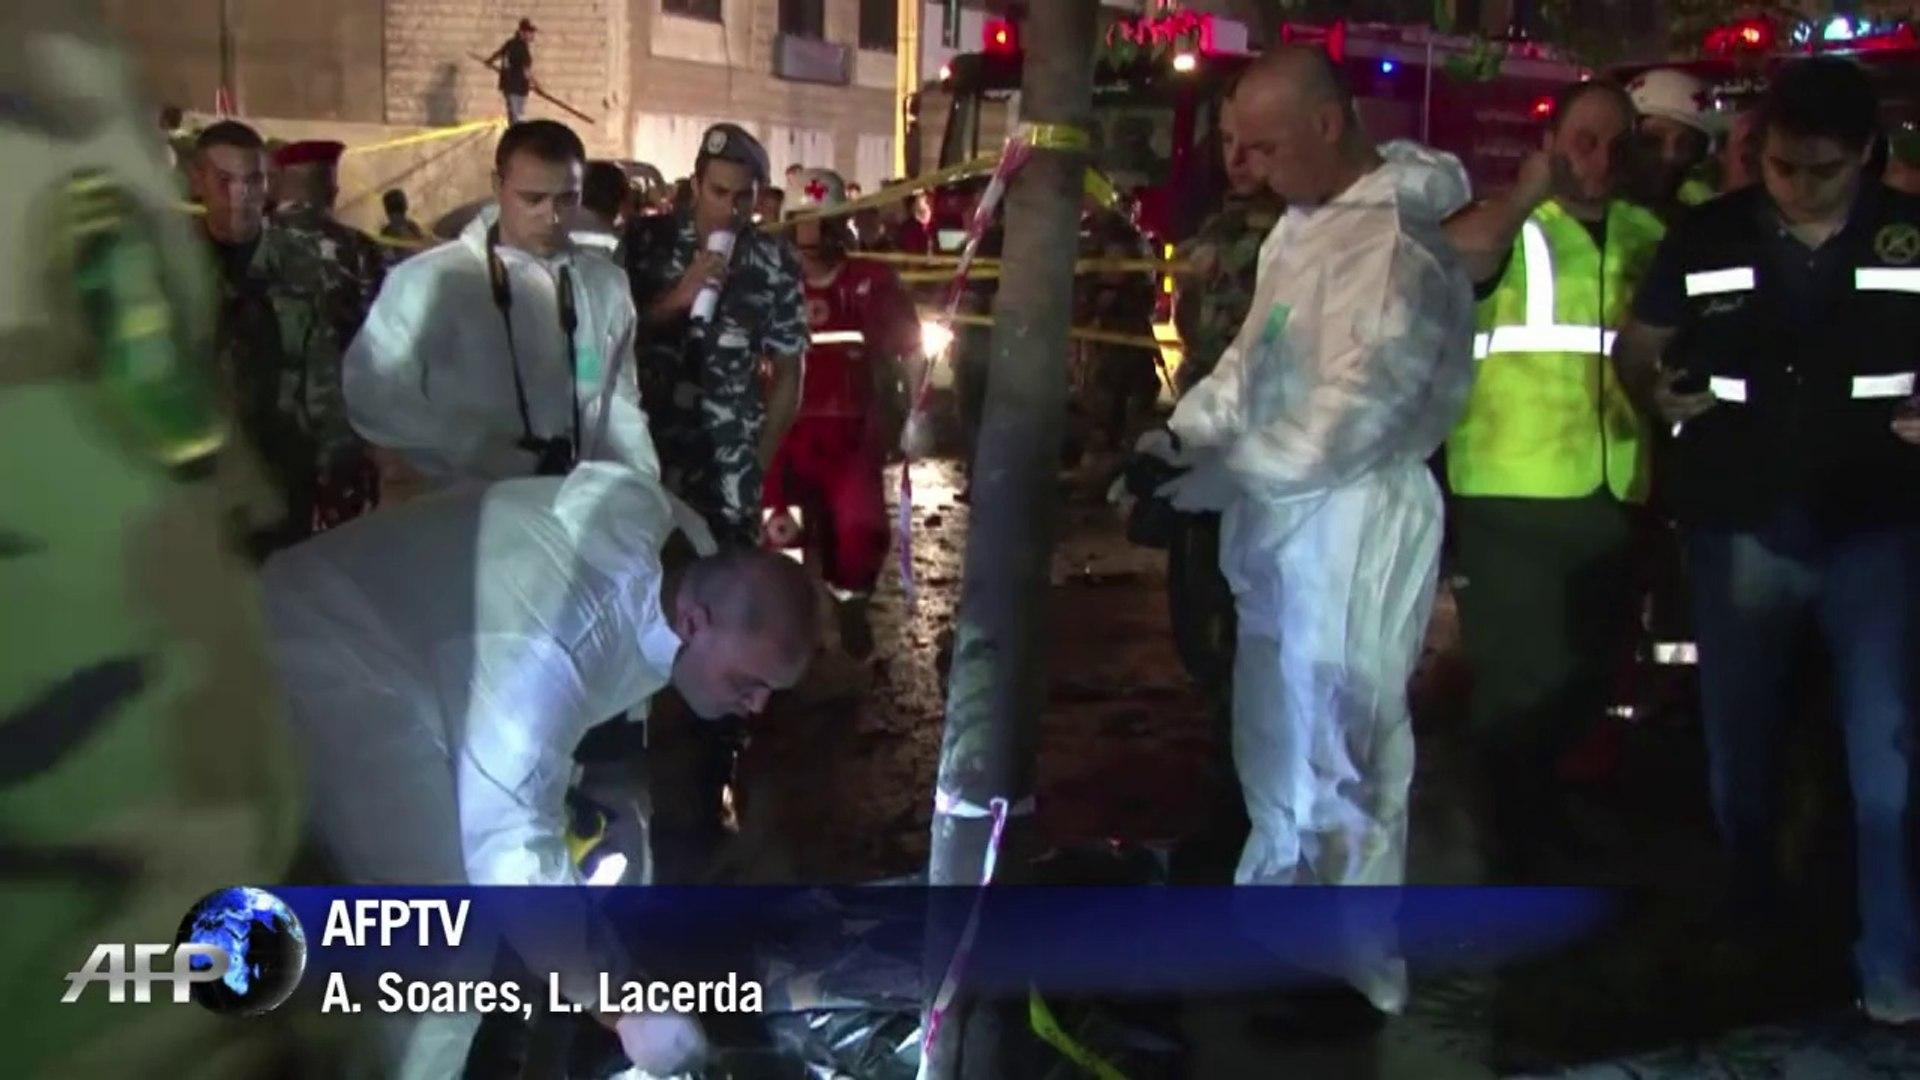 Tragédia durante torcida para Brasil no Líbano